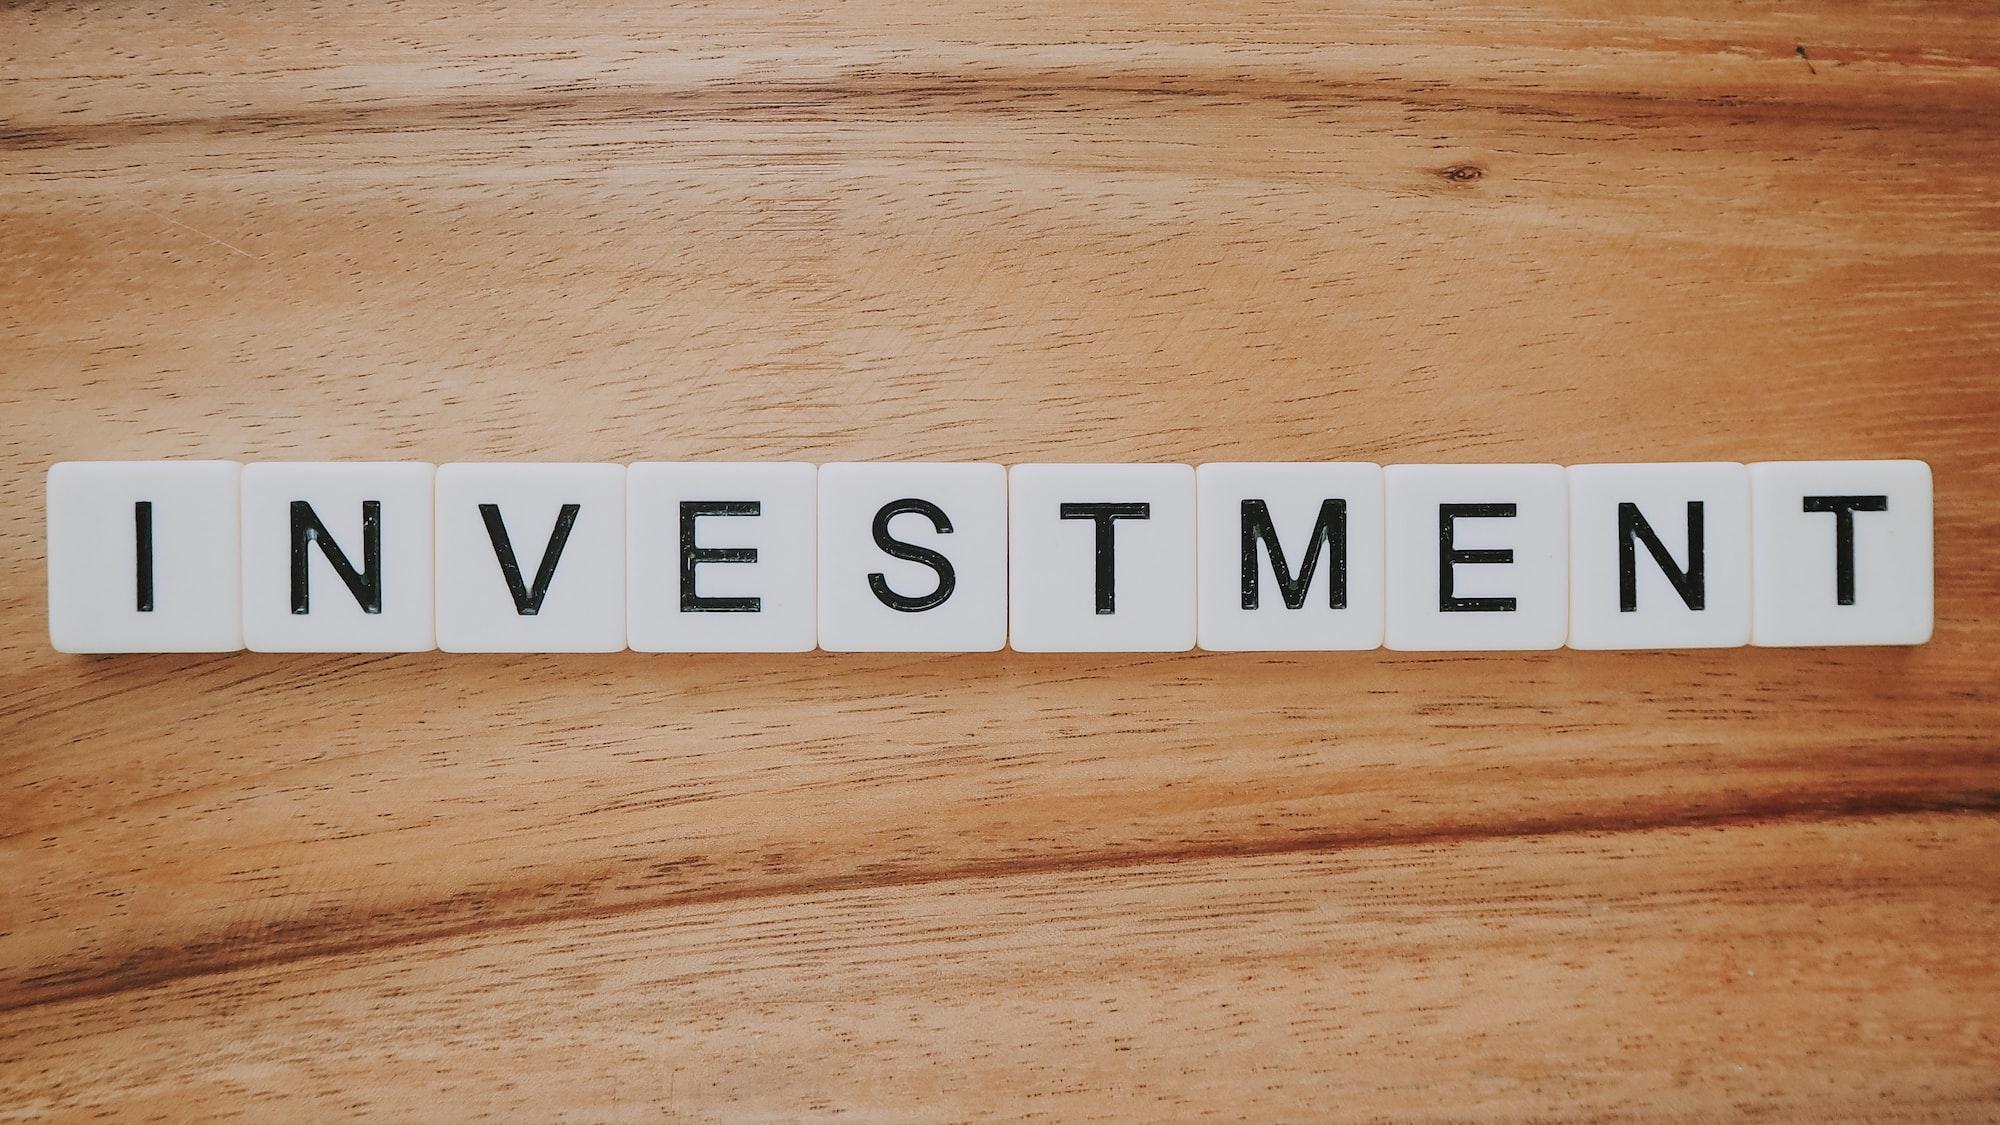 Đầu tư tài chính là gì? 8 hình thức đầu tư tài chính sinh lời nhanh chóng